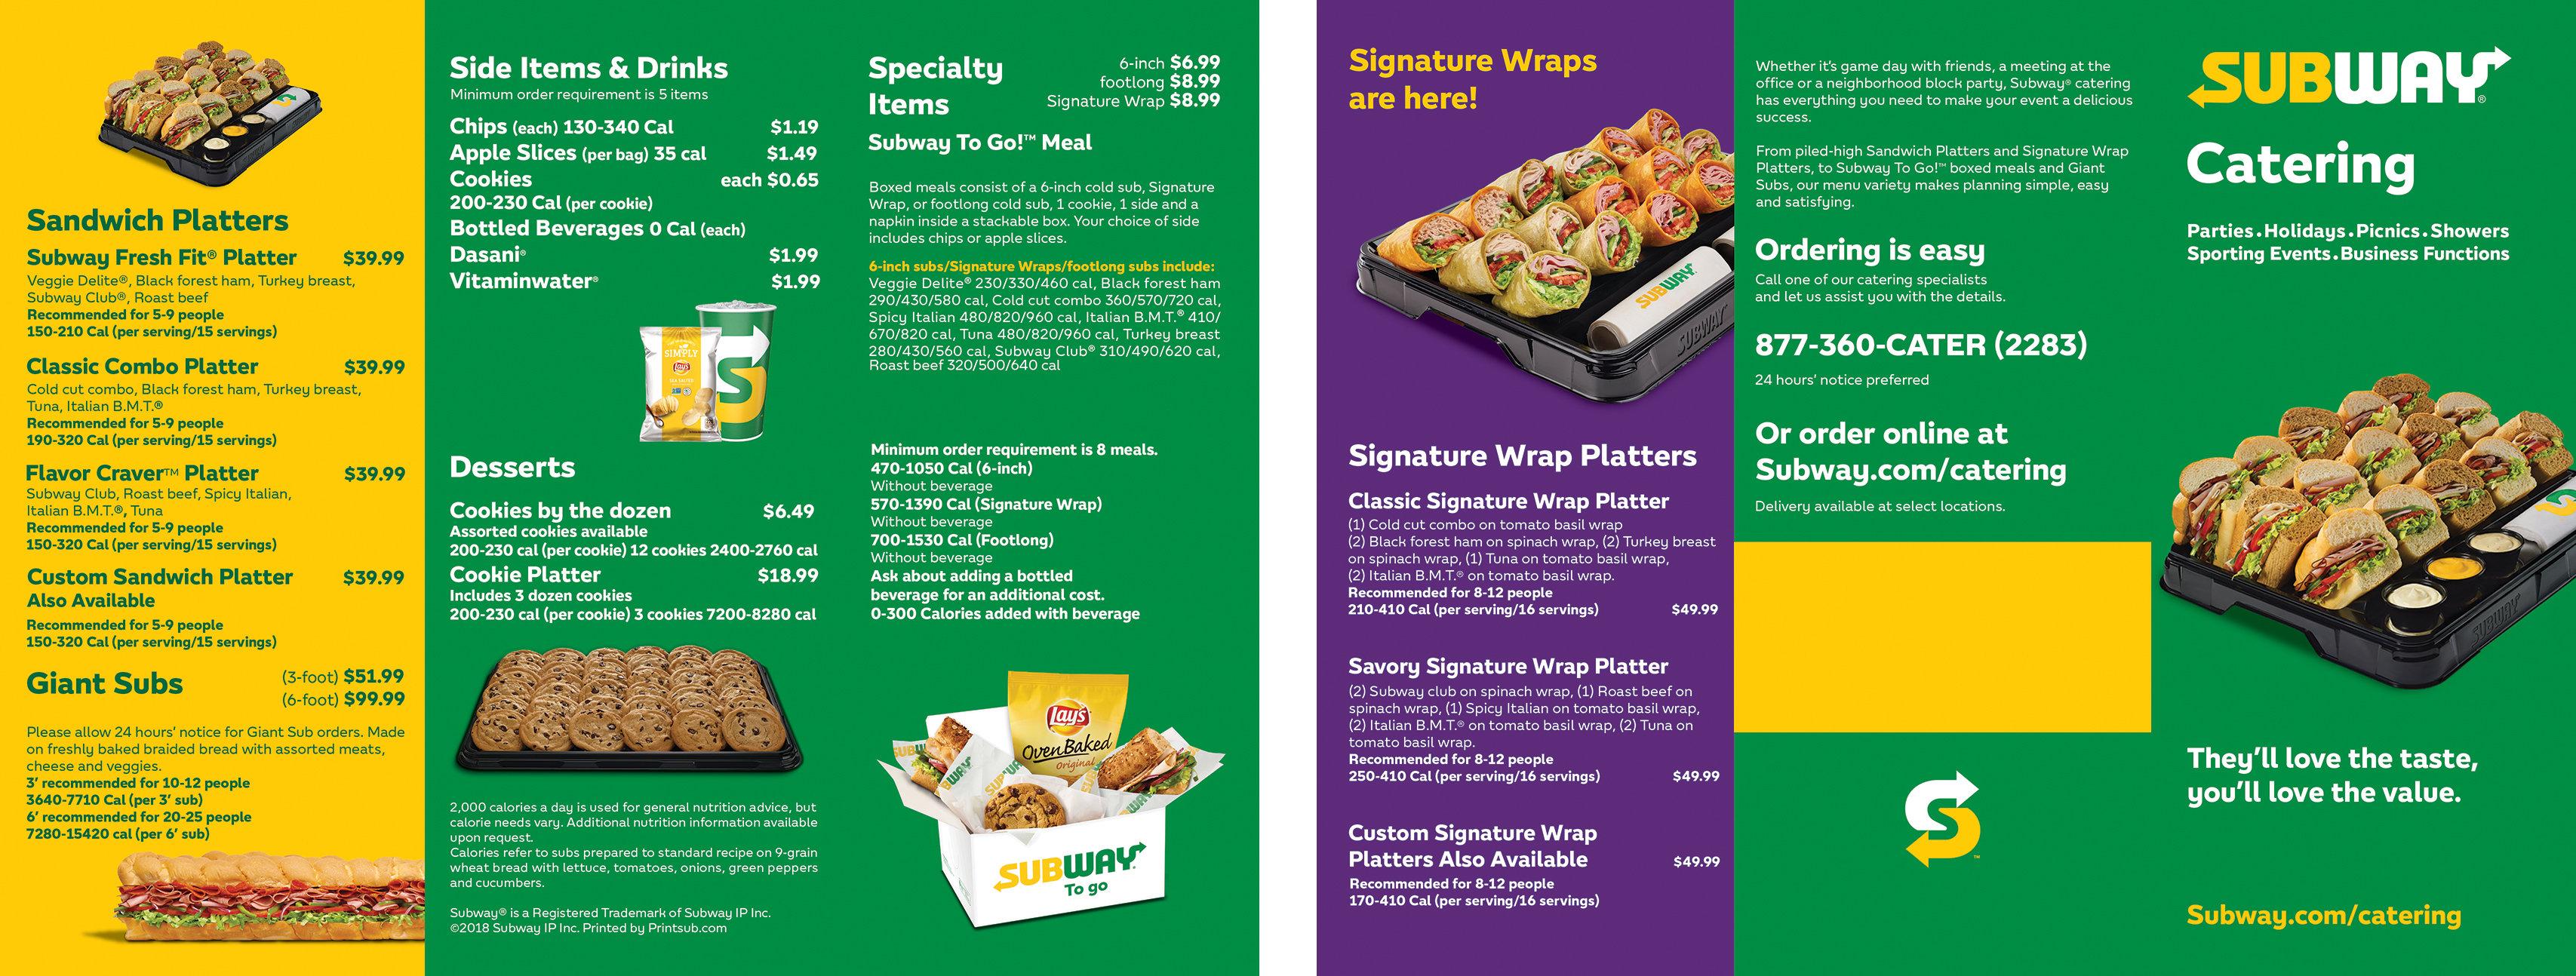 Subway Catering Menu Wrap Sample 2 Printsub